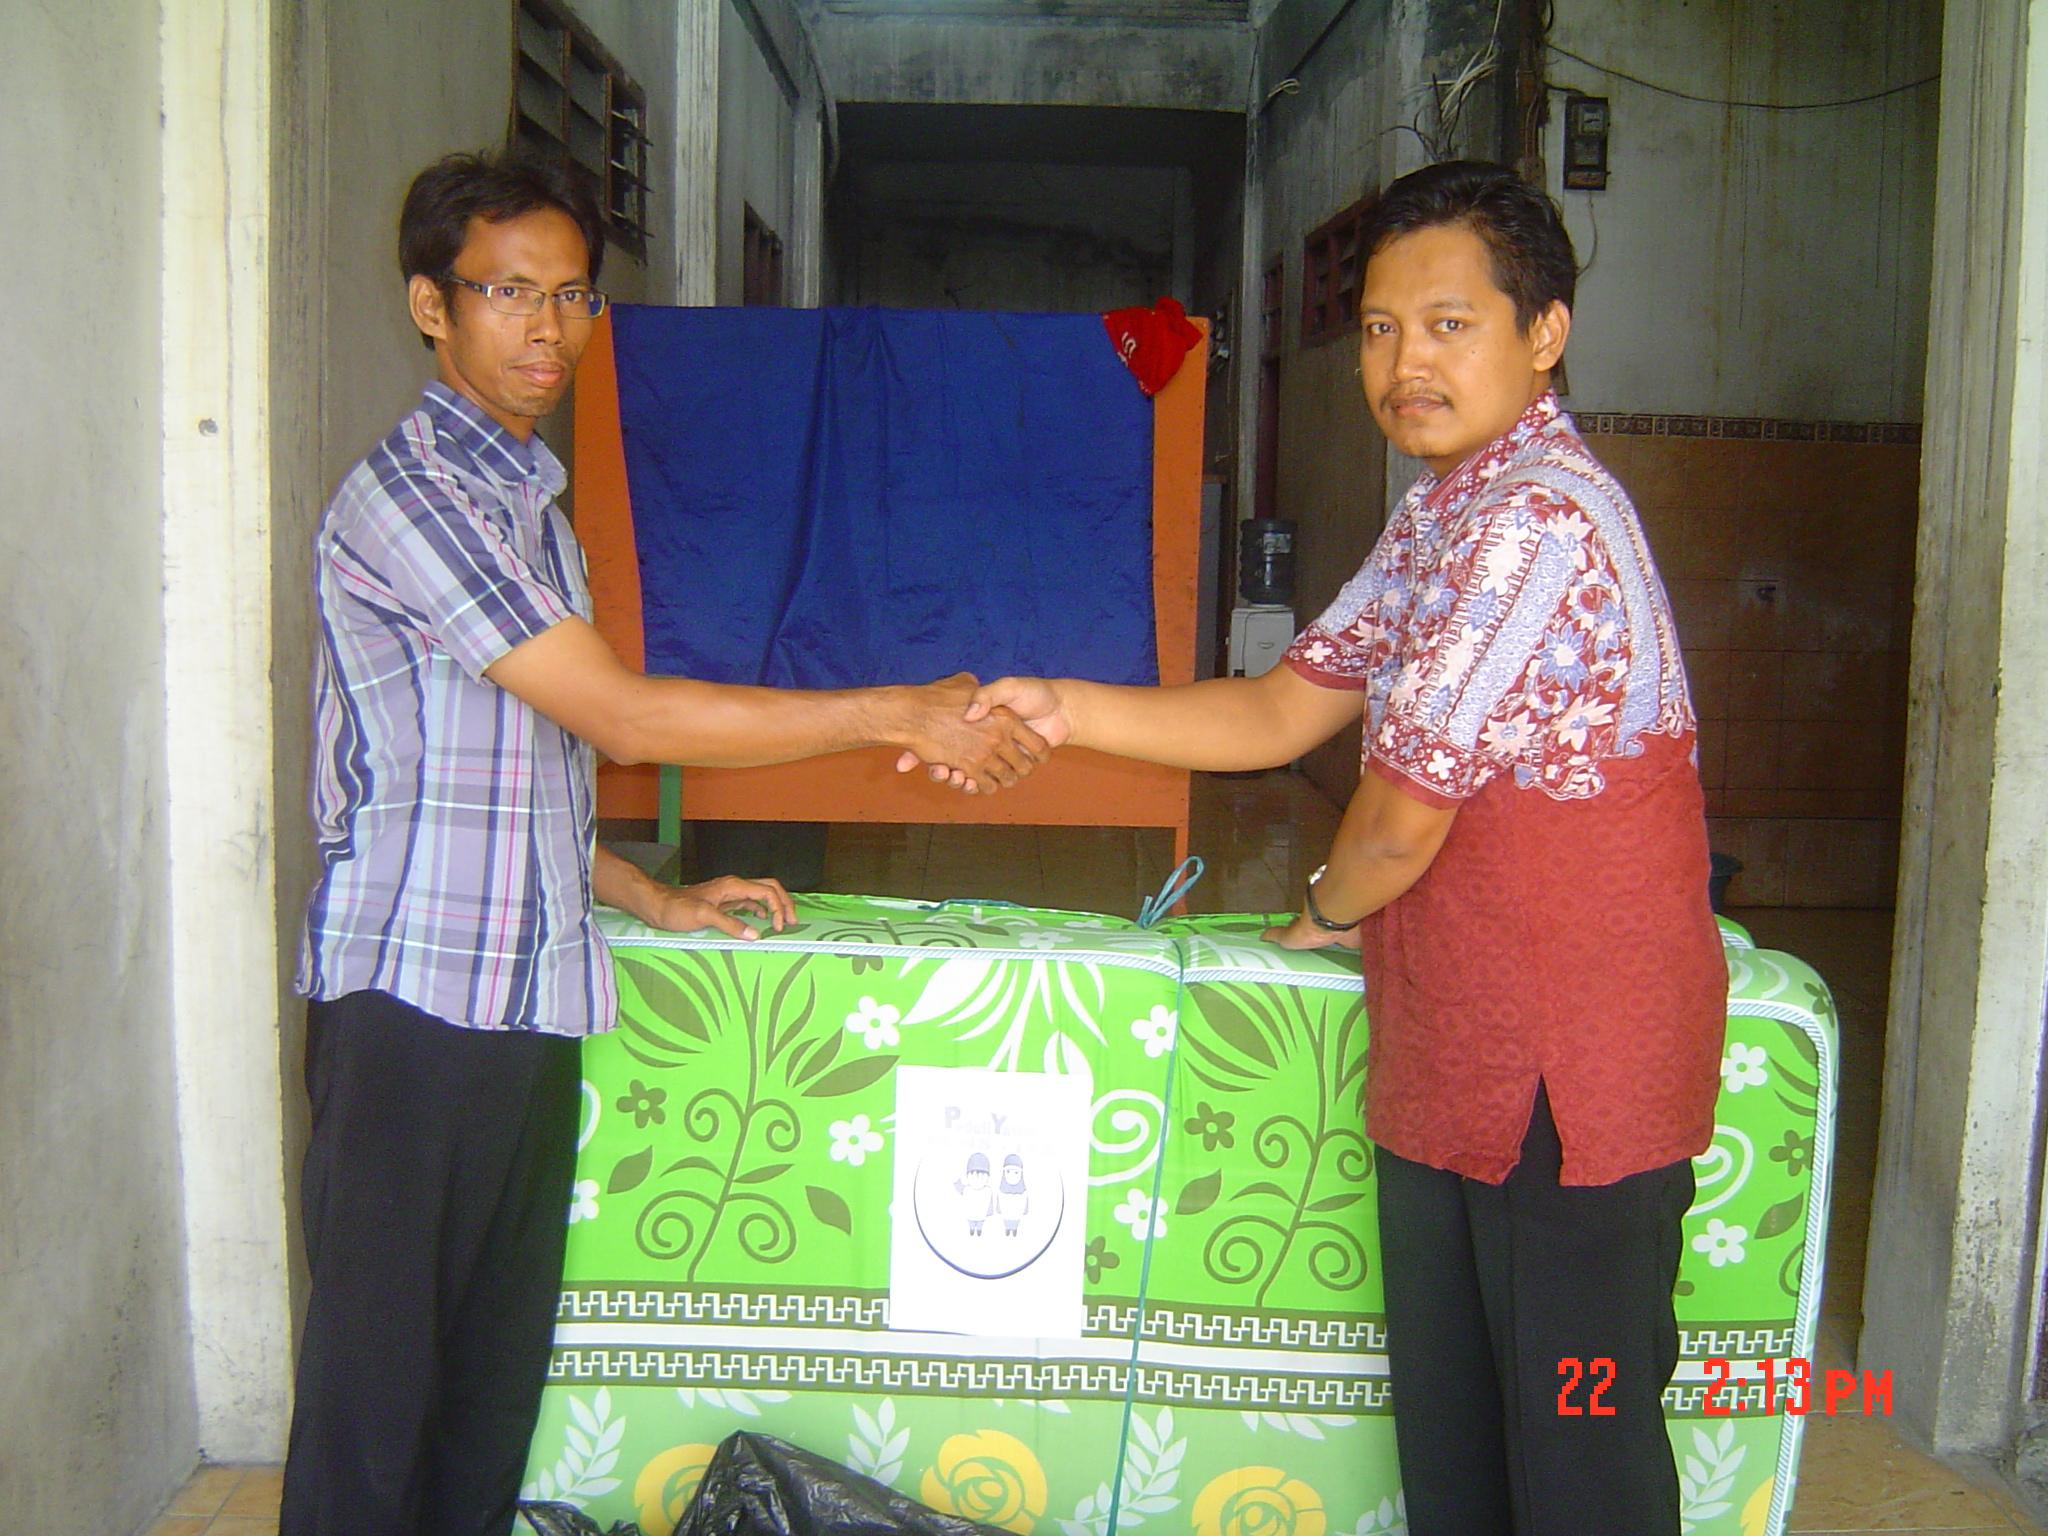 penyerahan barang bekas layak pakai (kasur busa dan karpet) ke PAY DARUSSALAM,  Rabu 21 Juli 2014